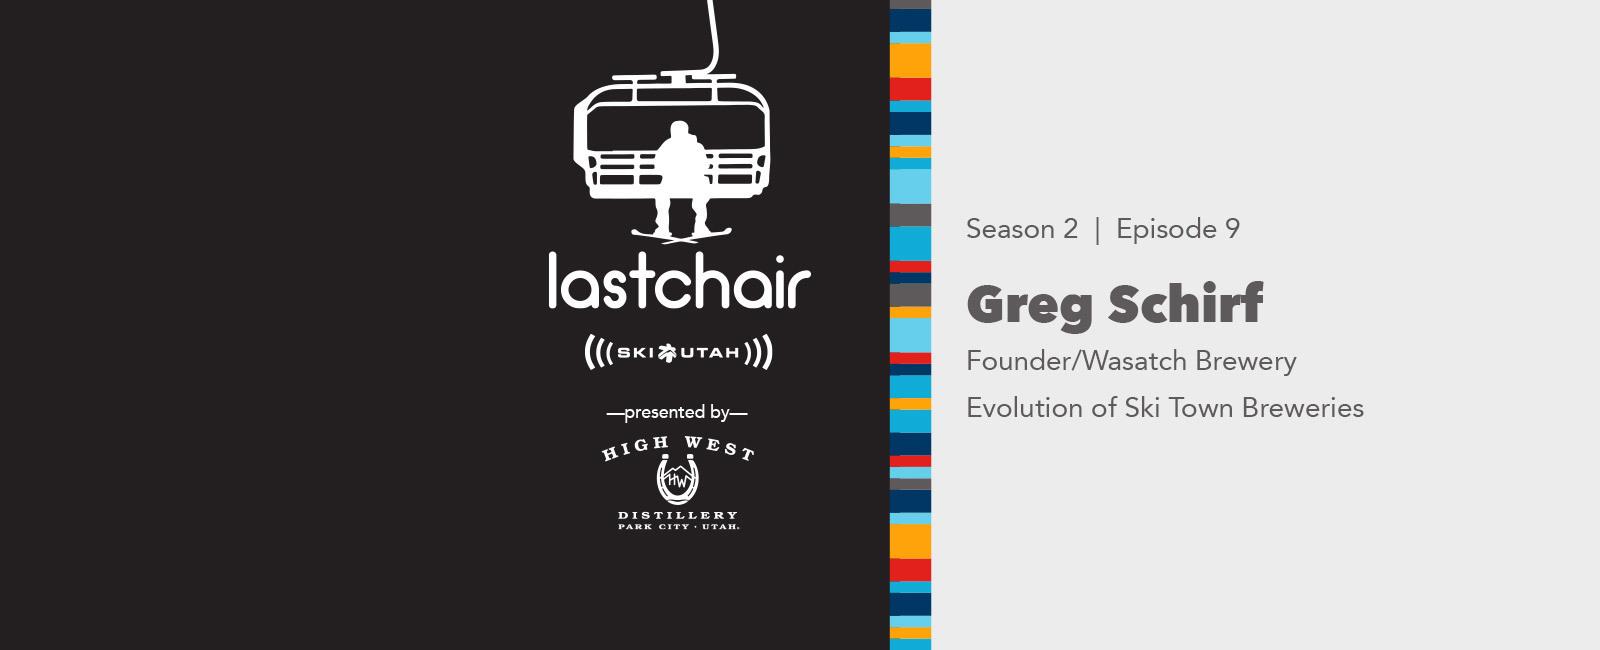 Greg Schirf: Evolution of Ski Town Breweries